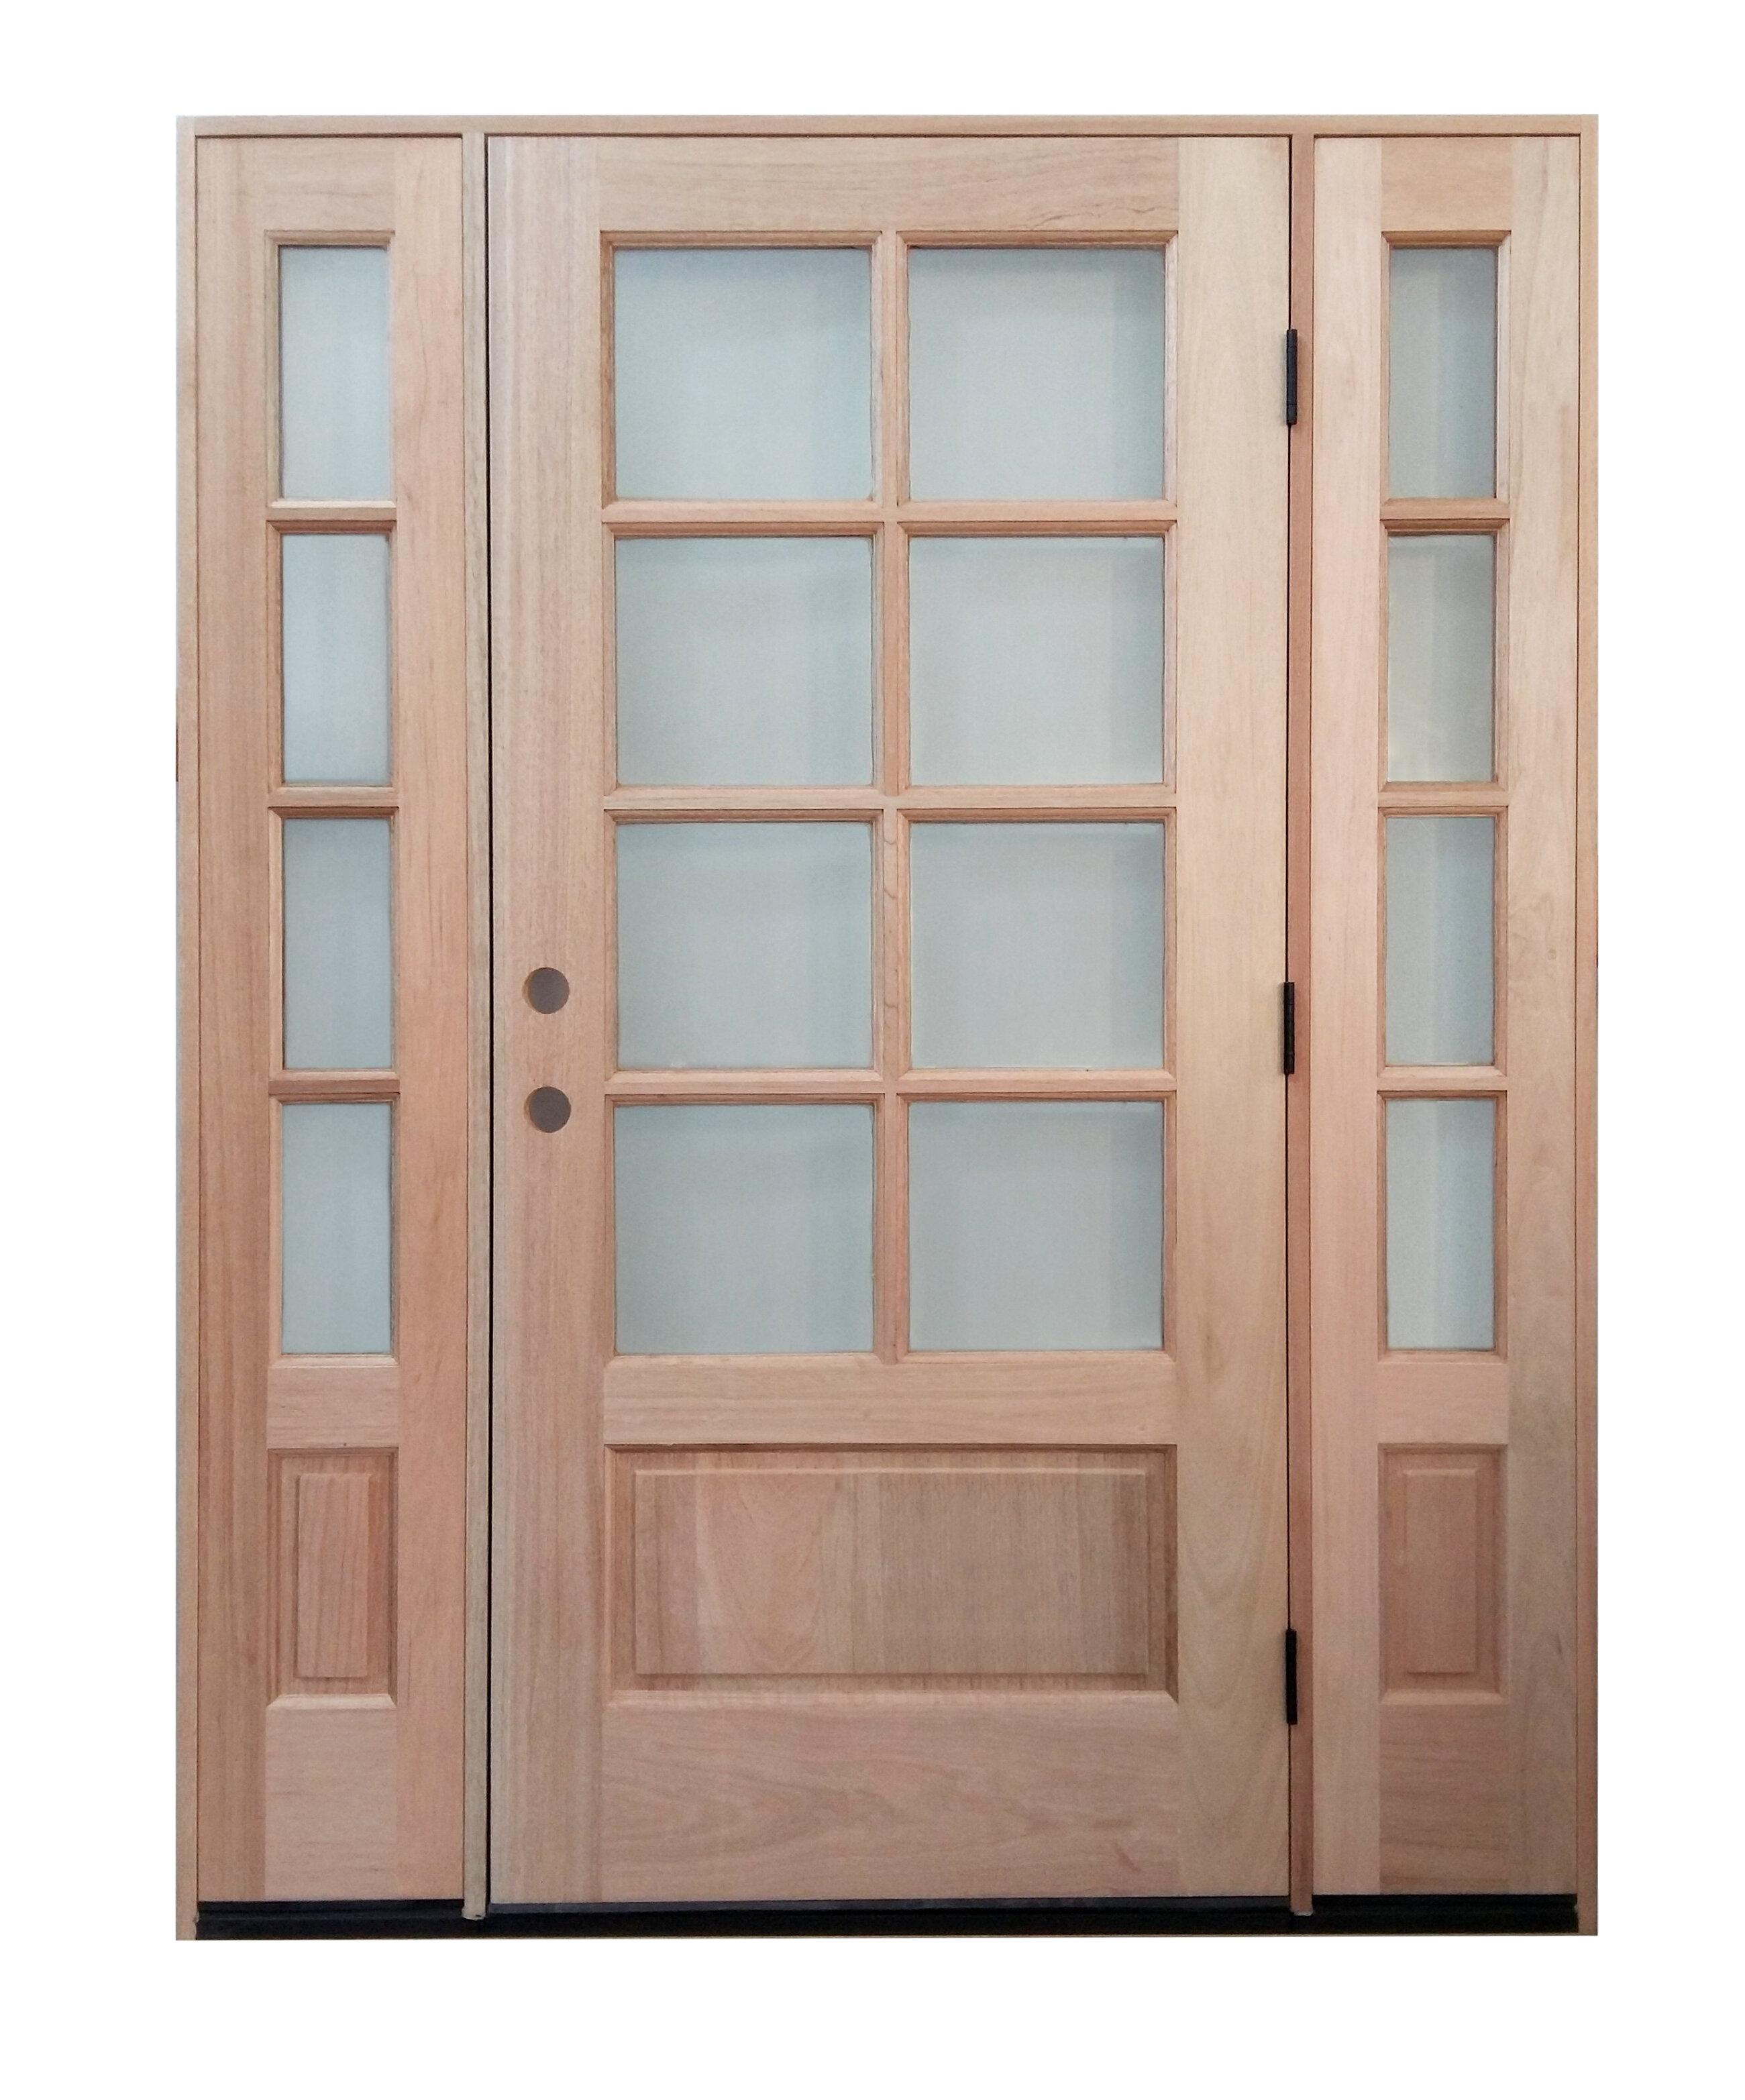 exterior-unfinished-alder-prehung-front-entry-door.jpg (2601×3130)